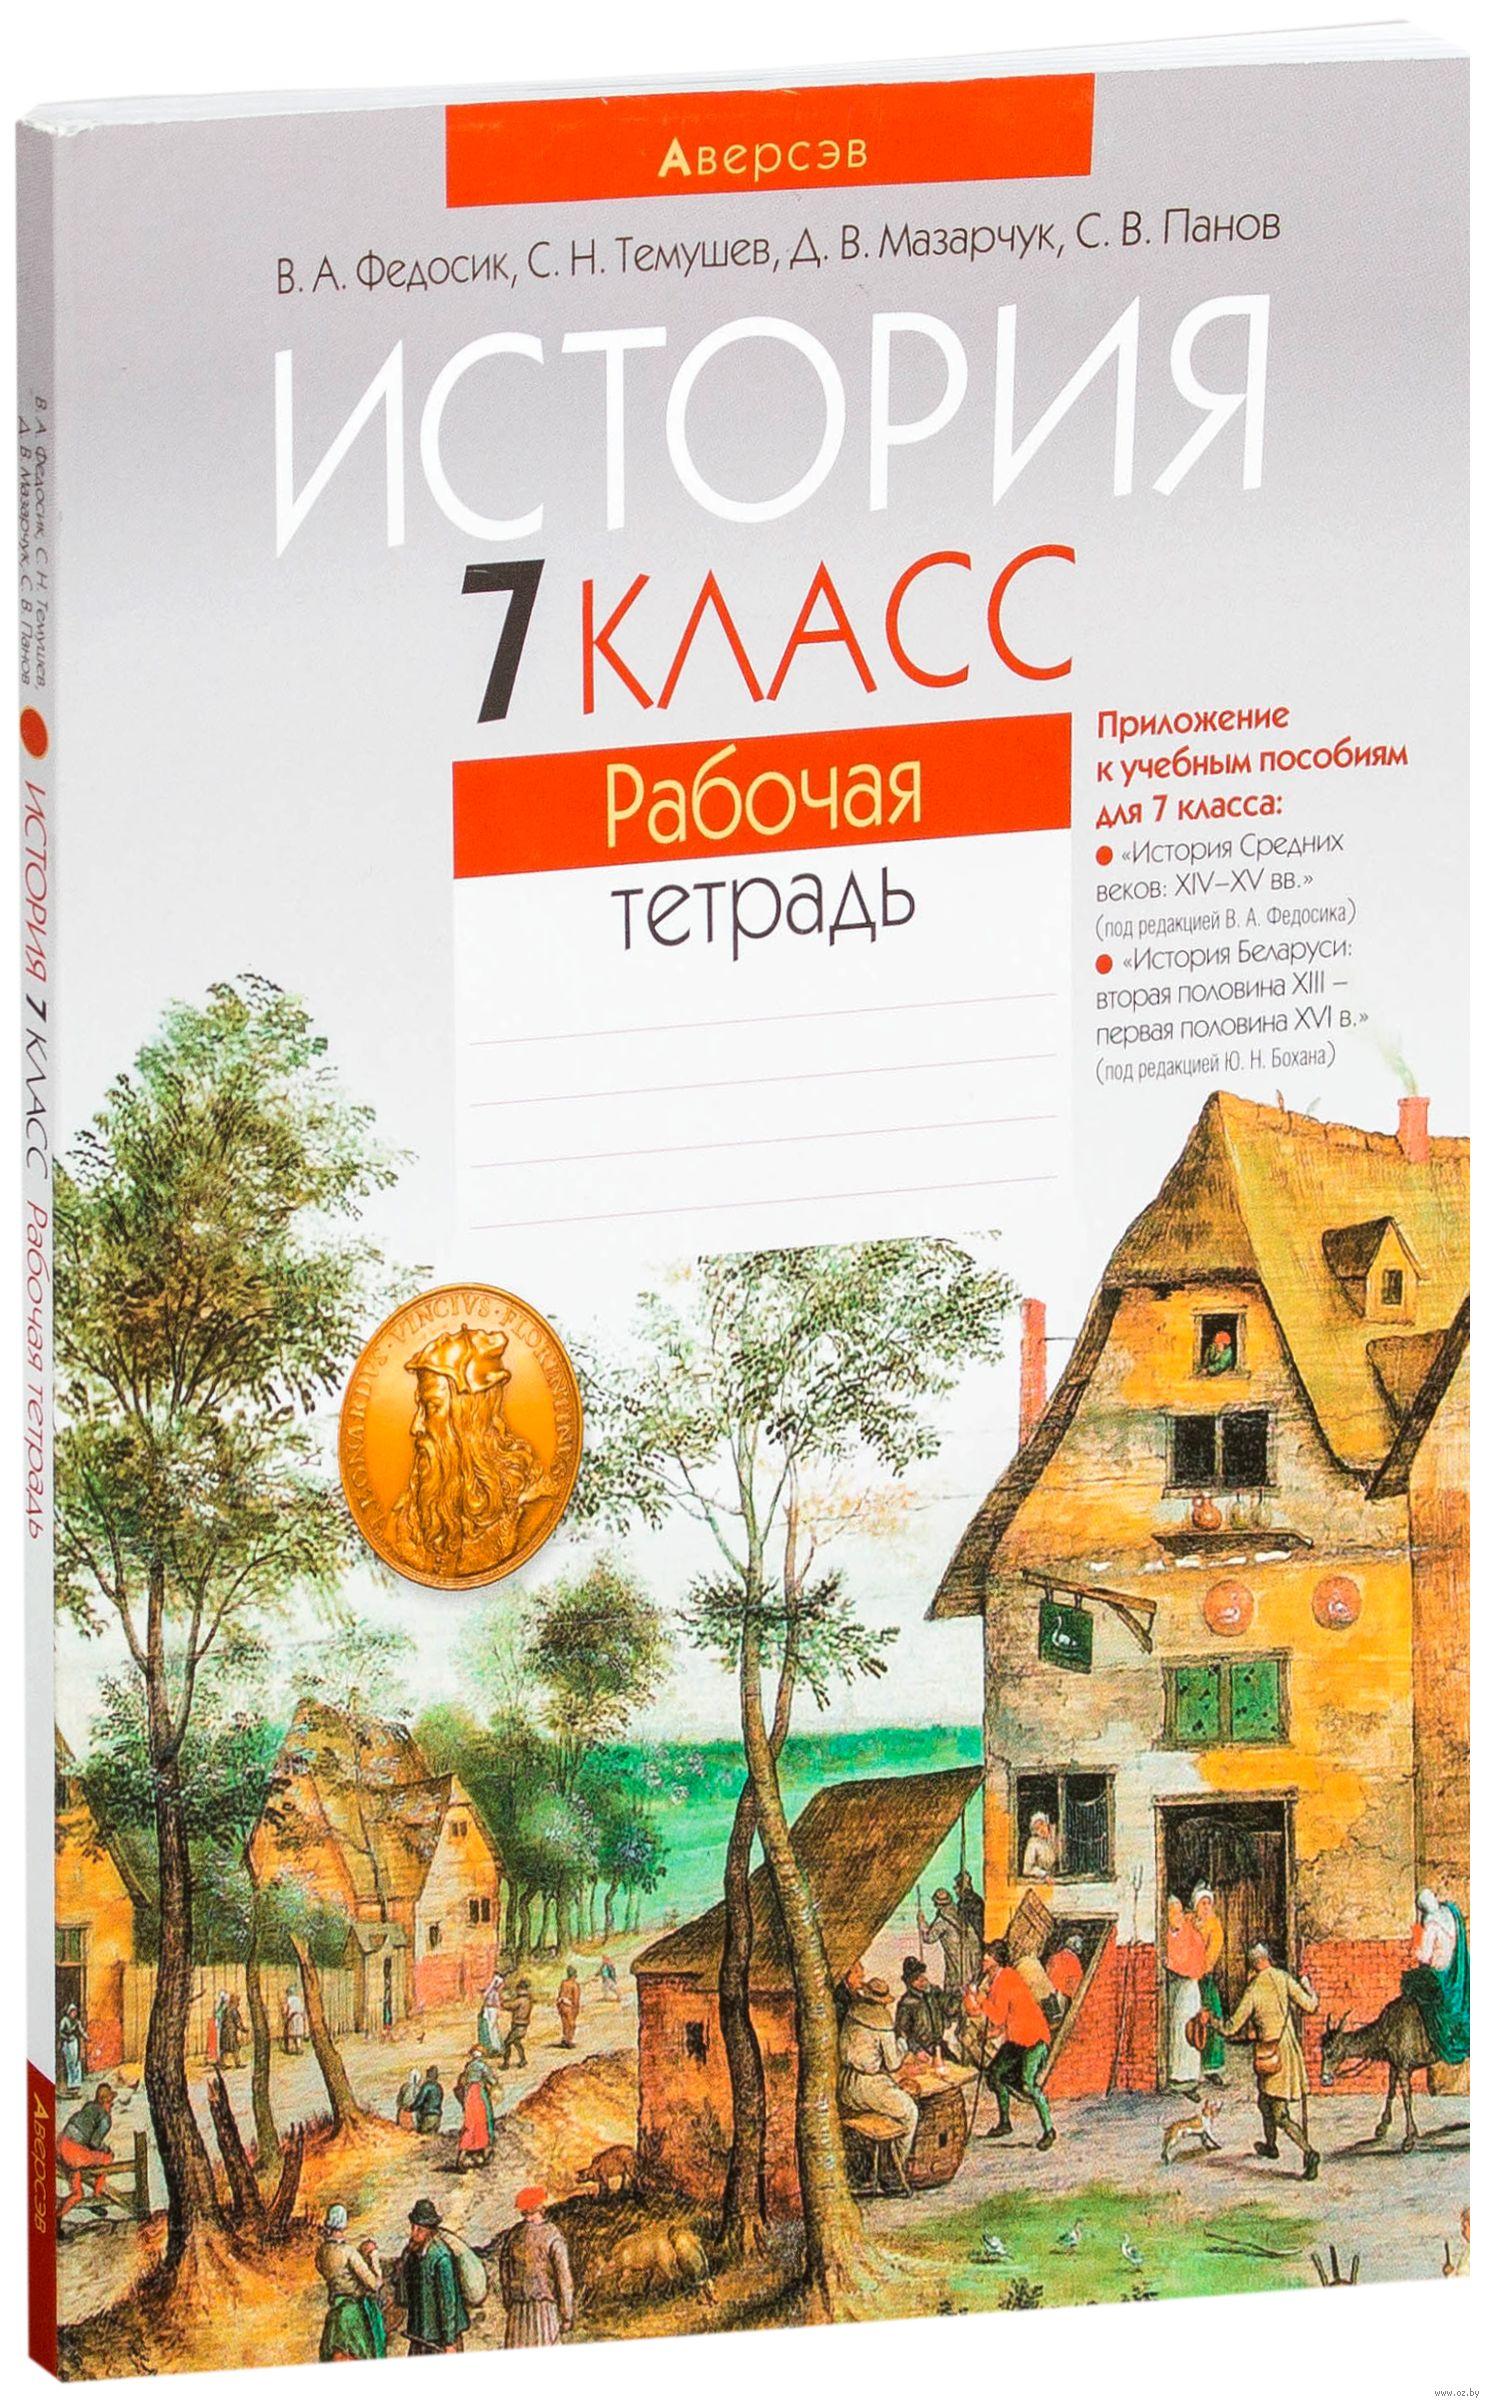 Учебник решебник по истории беларусь класс 6